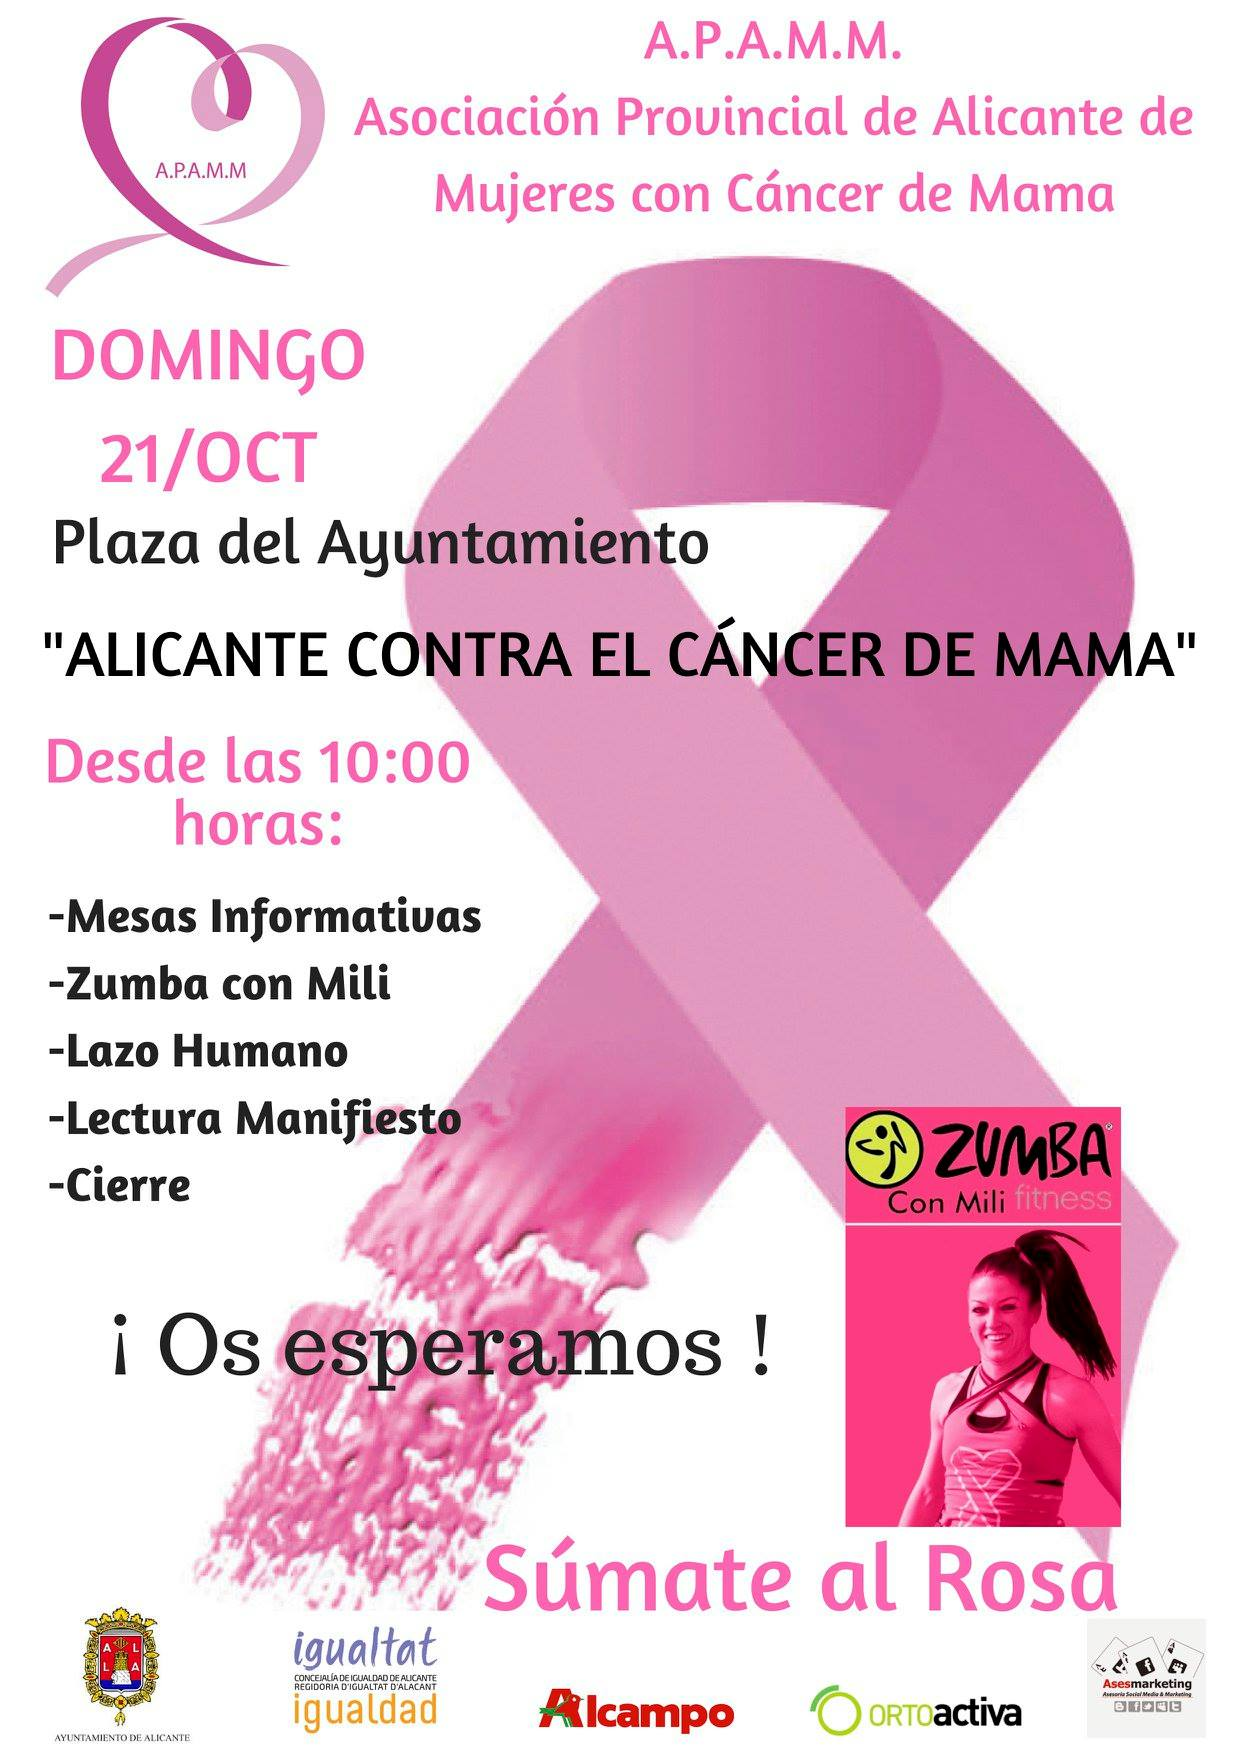 apamm-cancer-de-mama-fundacion-juan-peran